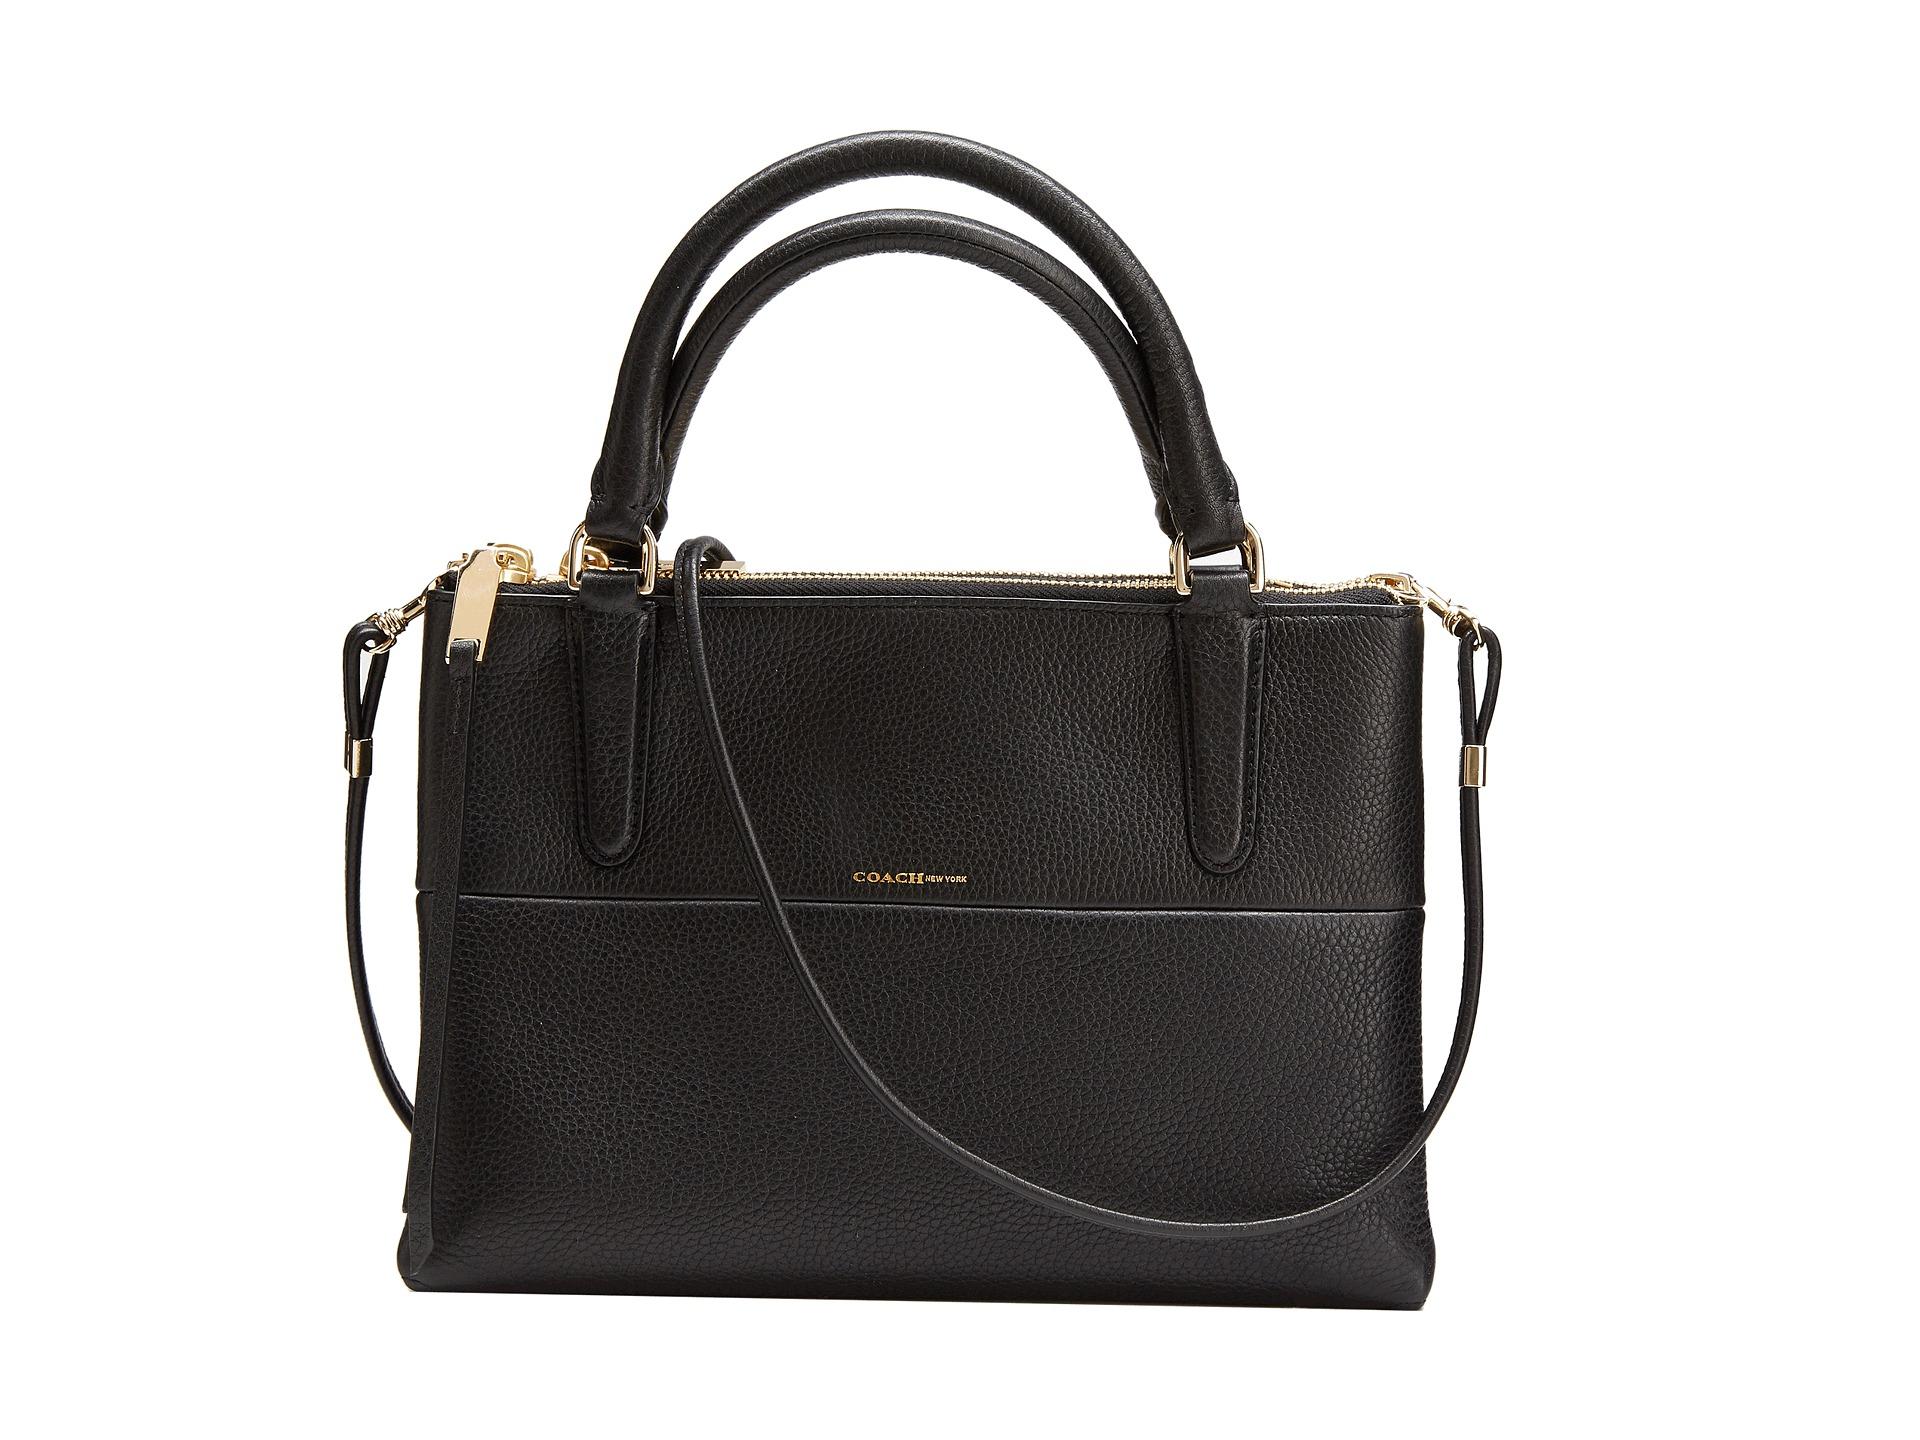 coach the mini borough bag pebbled leather shipped free